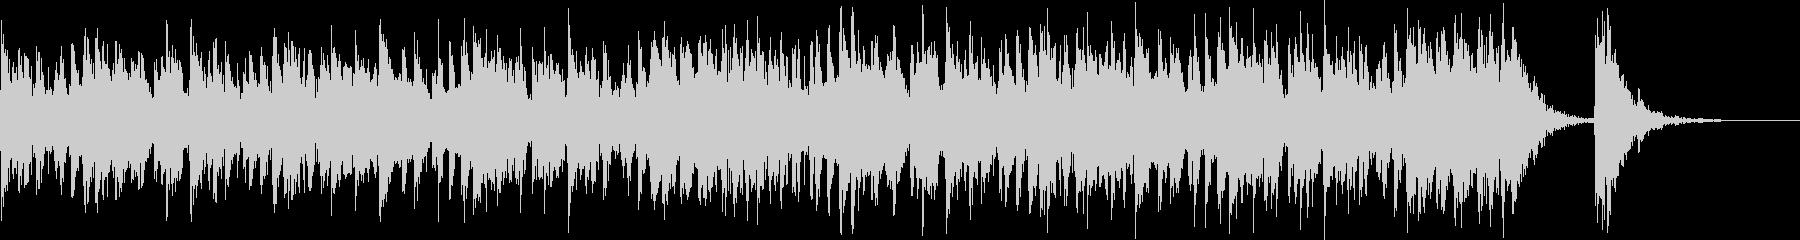 アップテンポ渋く激しい和太鼓+三味線-2の未再生の波形